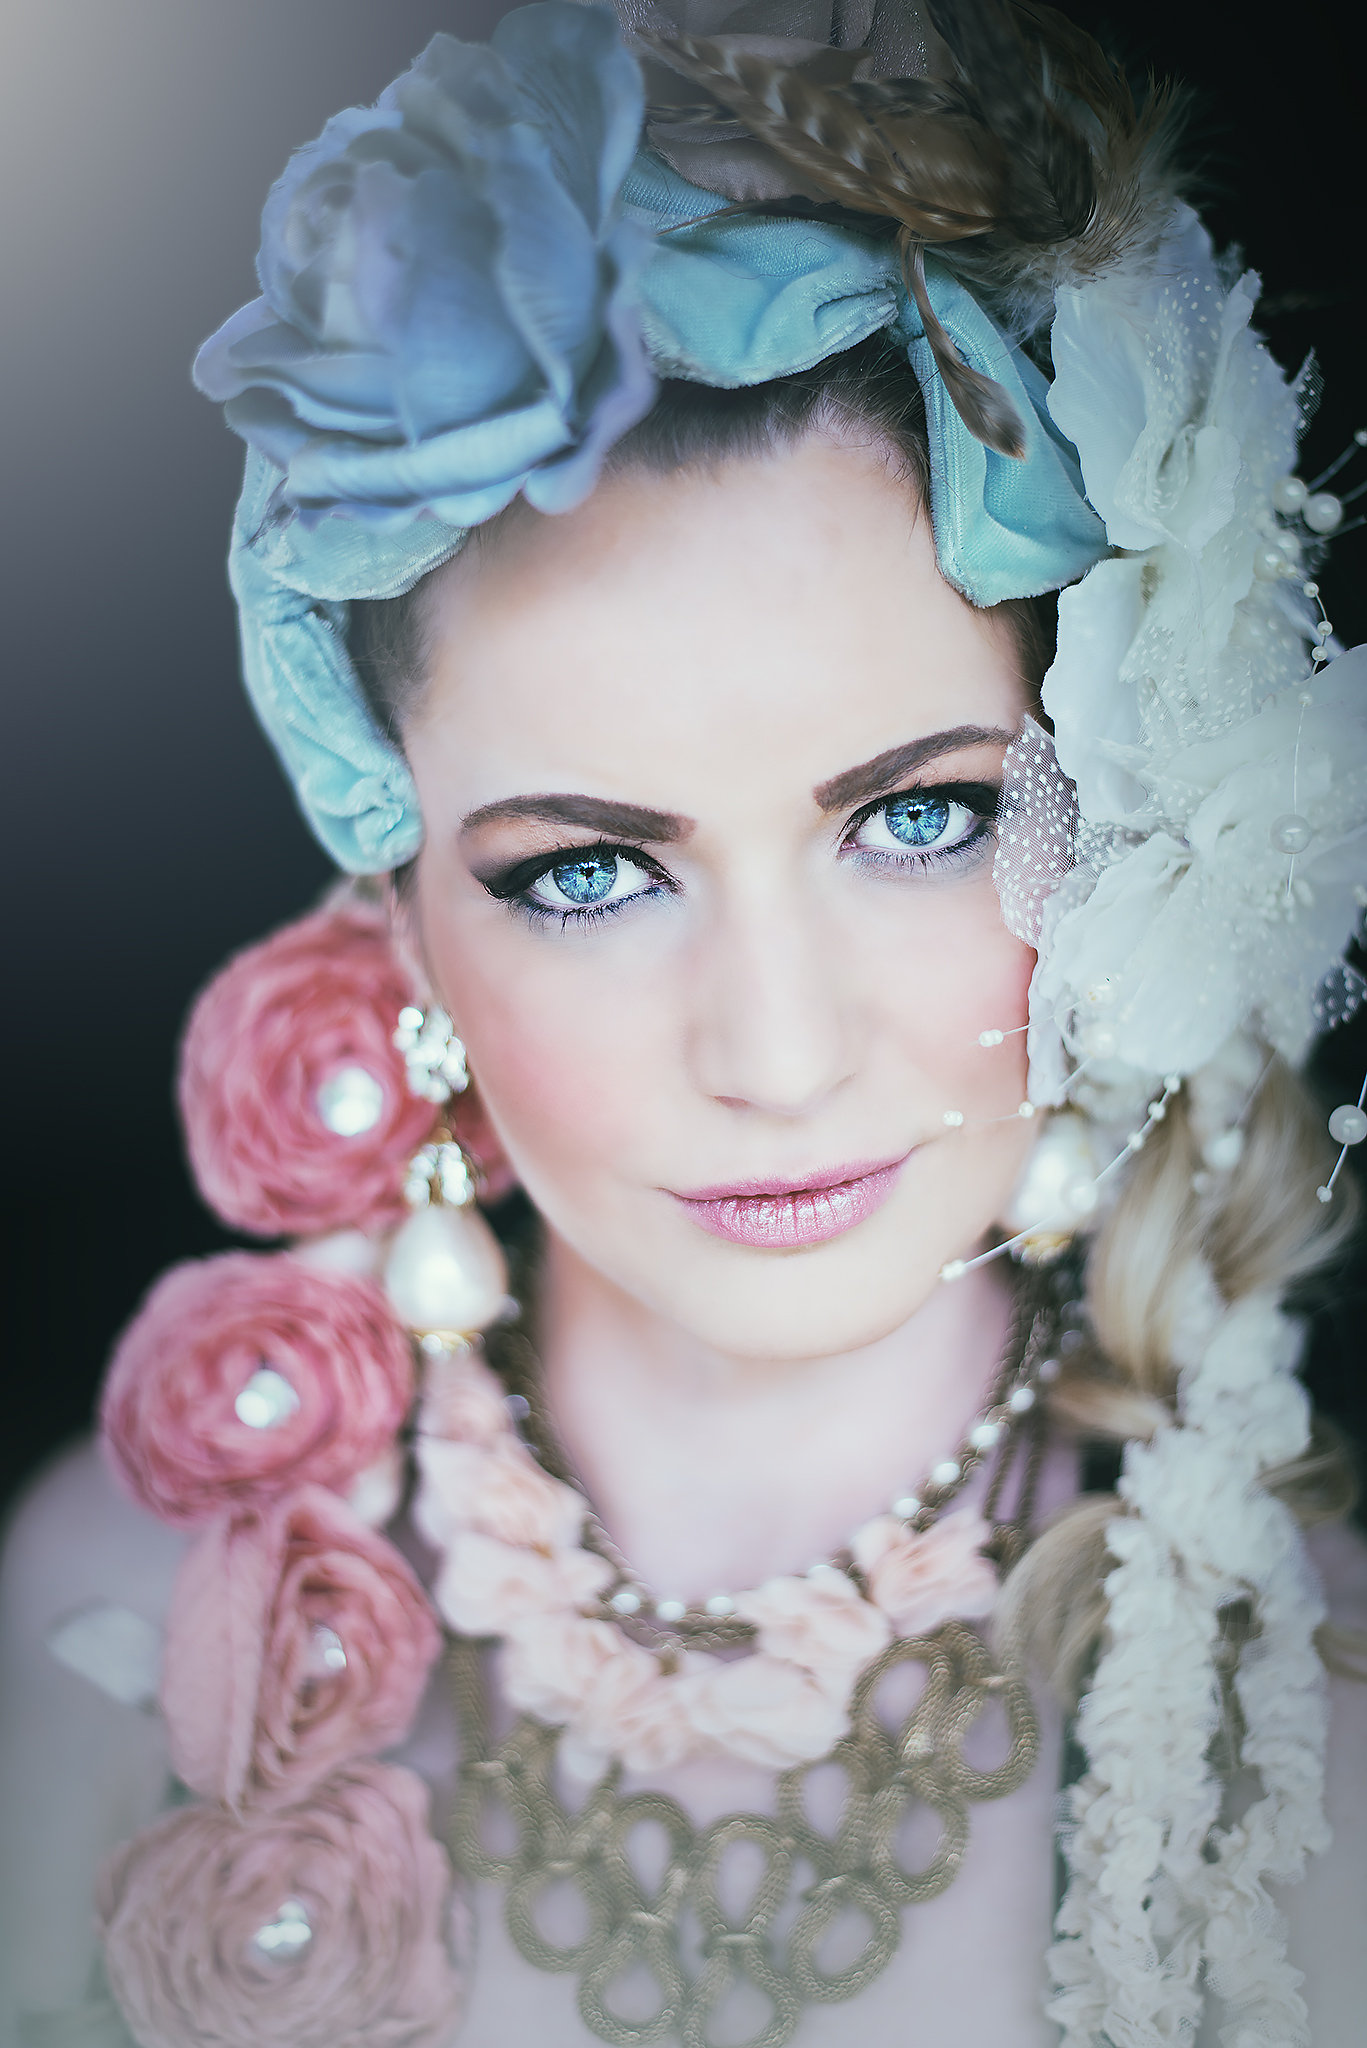 Jasmina_Kimova_Portraits_9.jpg